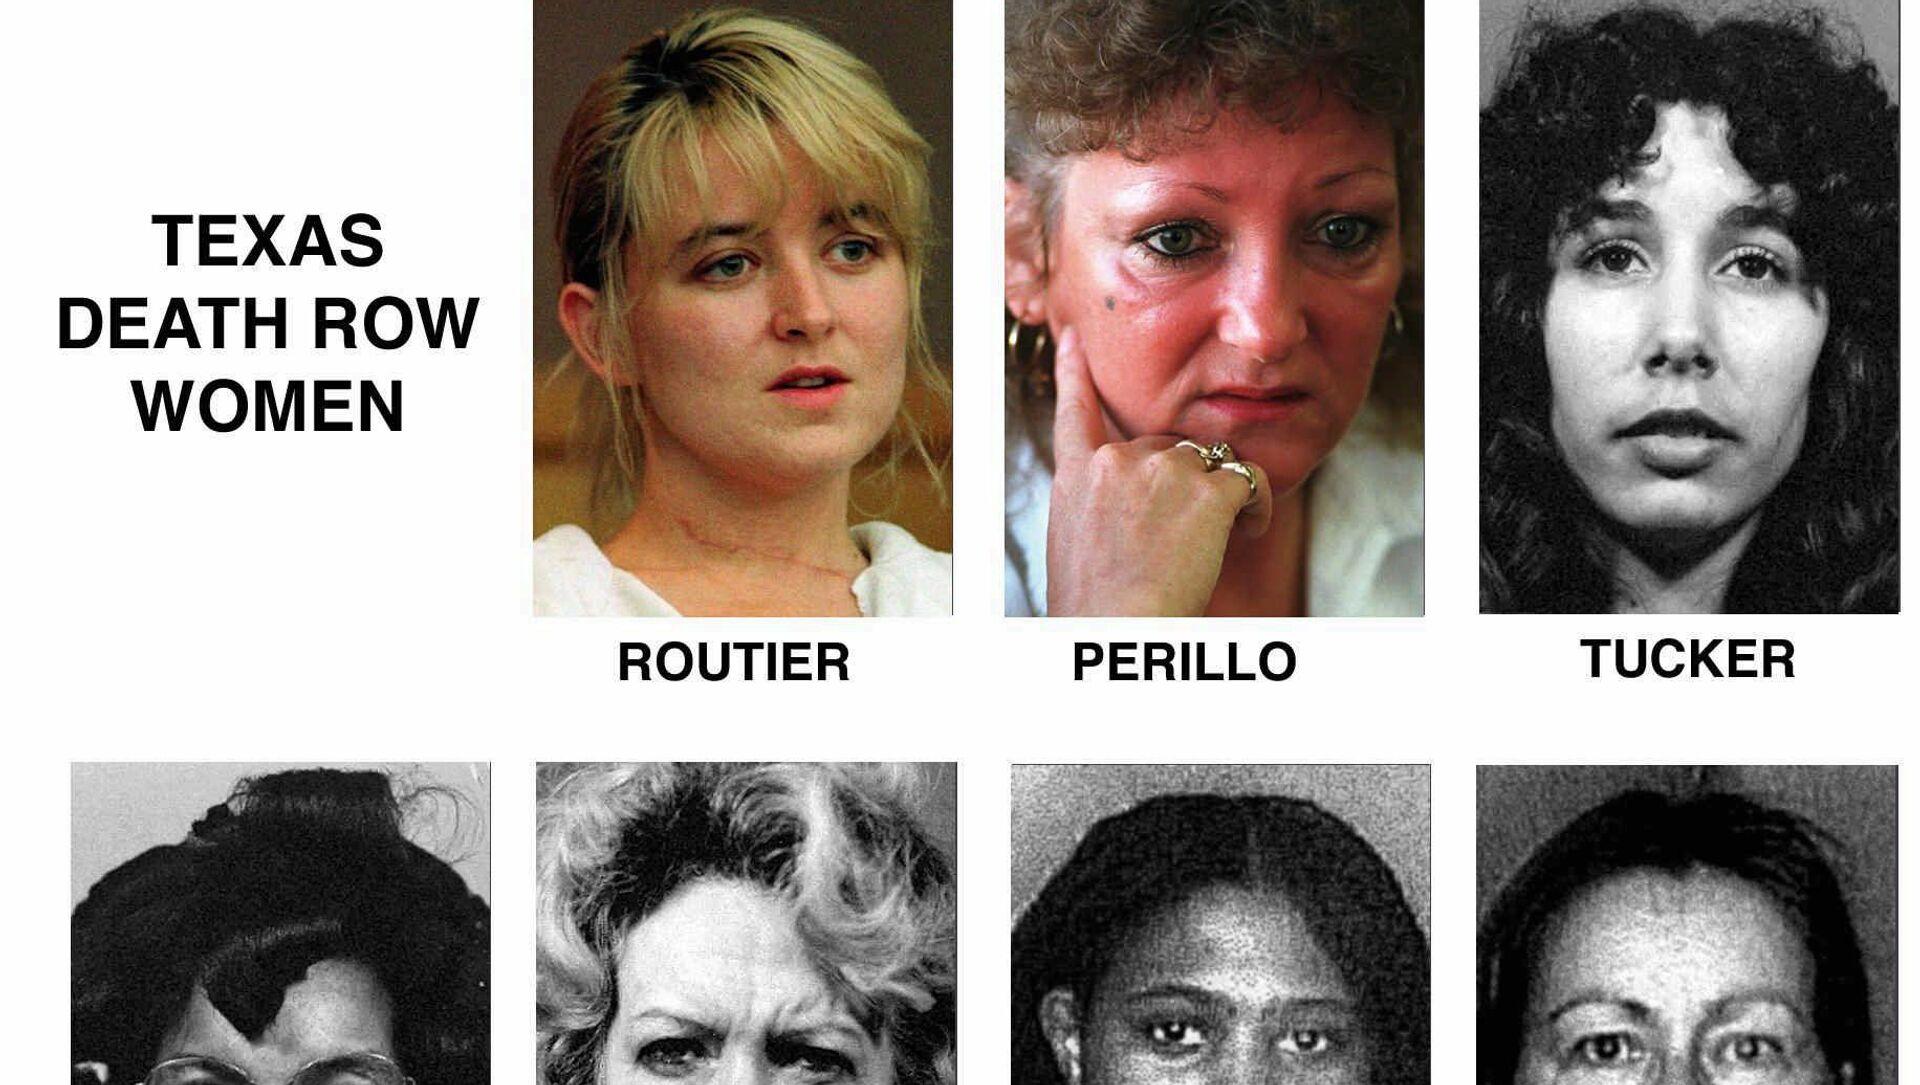 Así fueron los casos de las mujeres ejecutadas en EEUU por sentencia judicial - Sputnik Mundo, 1920, 14.01.2021